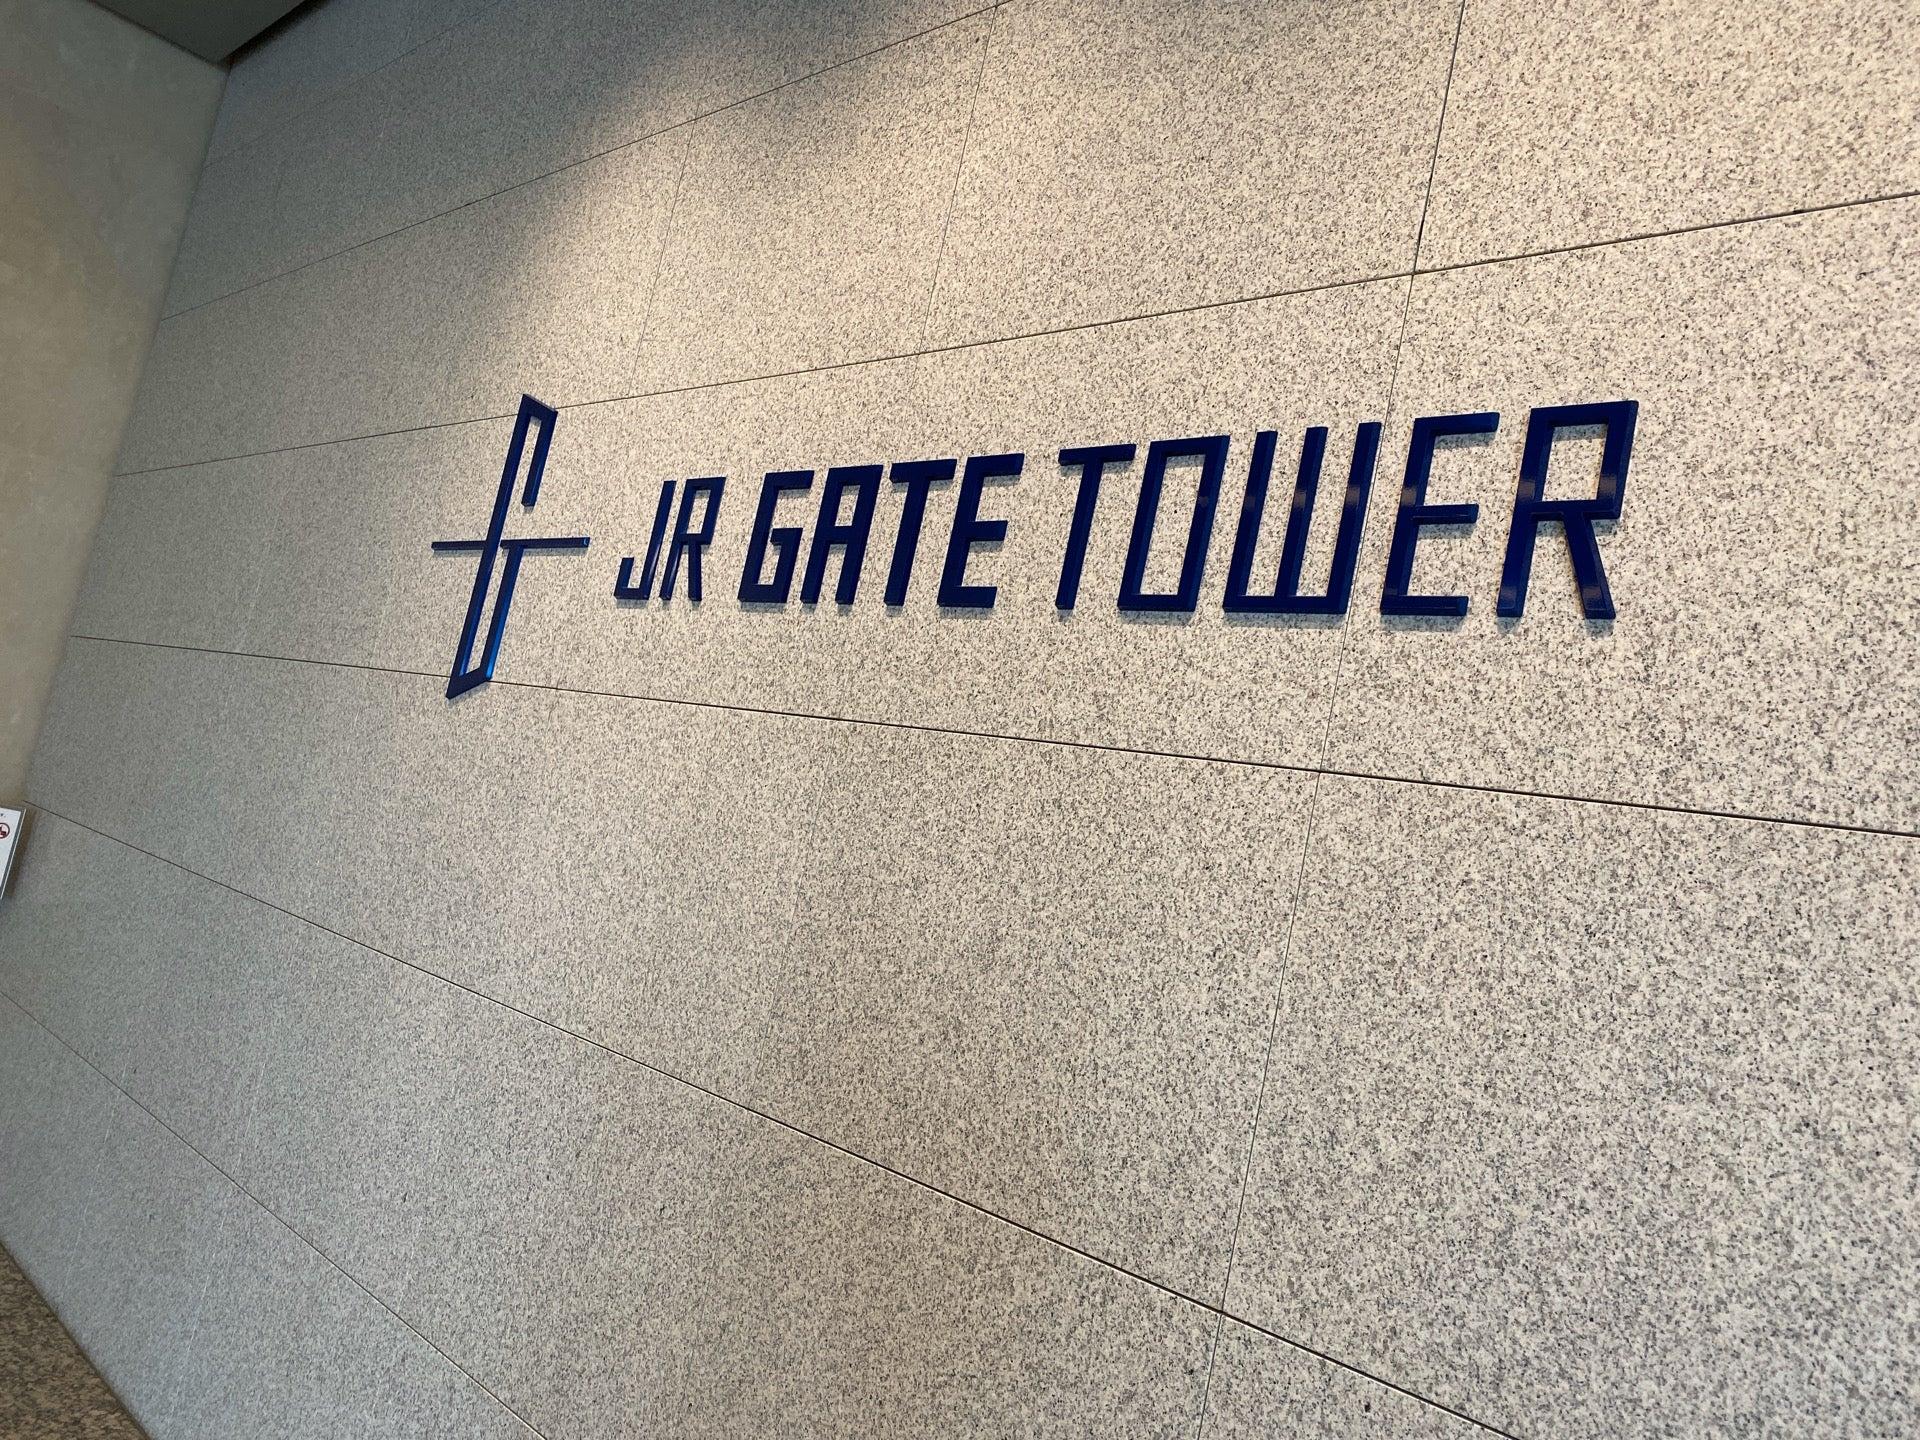 I'm at JRゲートタワー in 名古屋市, 愛知県 https://t.co/z4XFrgGSdB https://t.co/M5jN8Im1MO